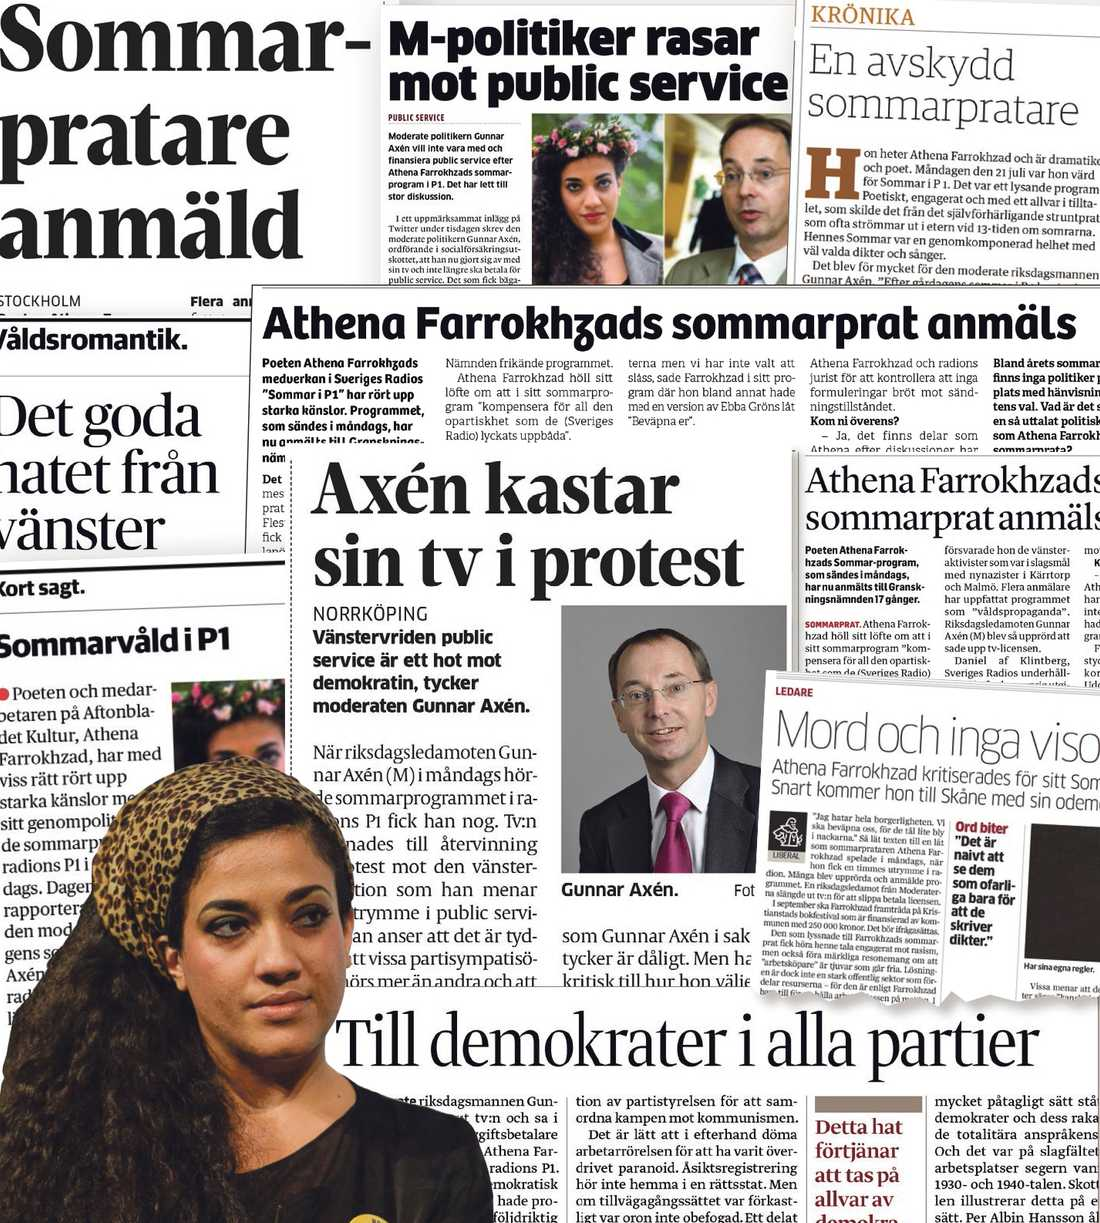 Omdebatterad Sommarpratet fick mycket stark kritik av borgerliga ledarsidor och politiker. Foto: Vilhelm Stokstad/TT.